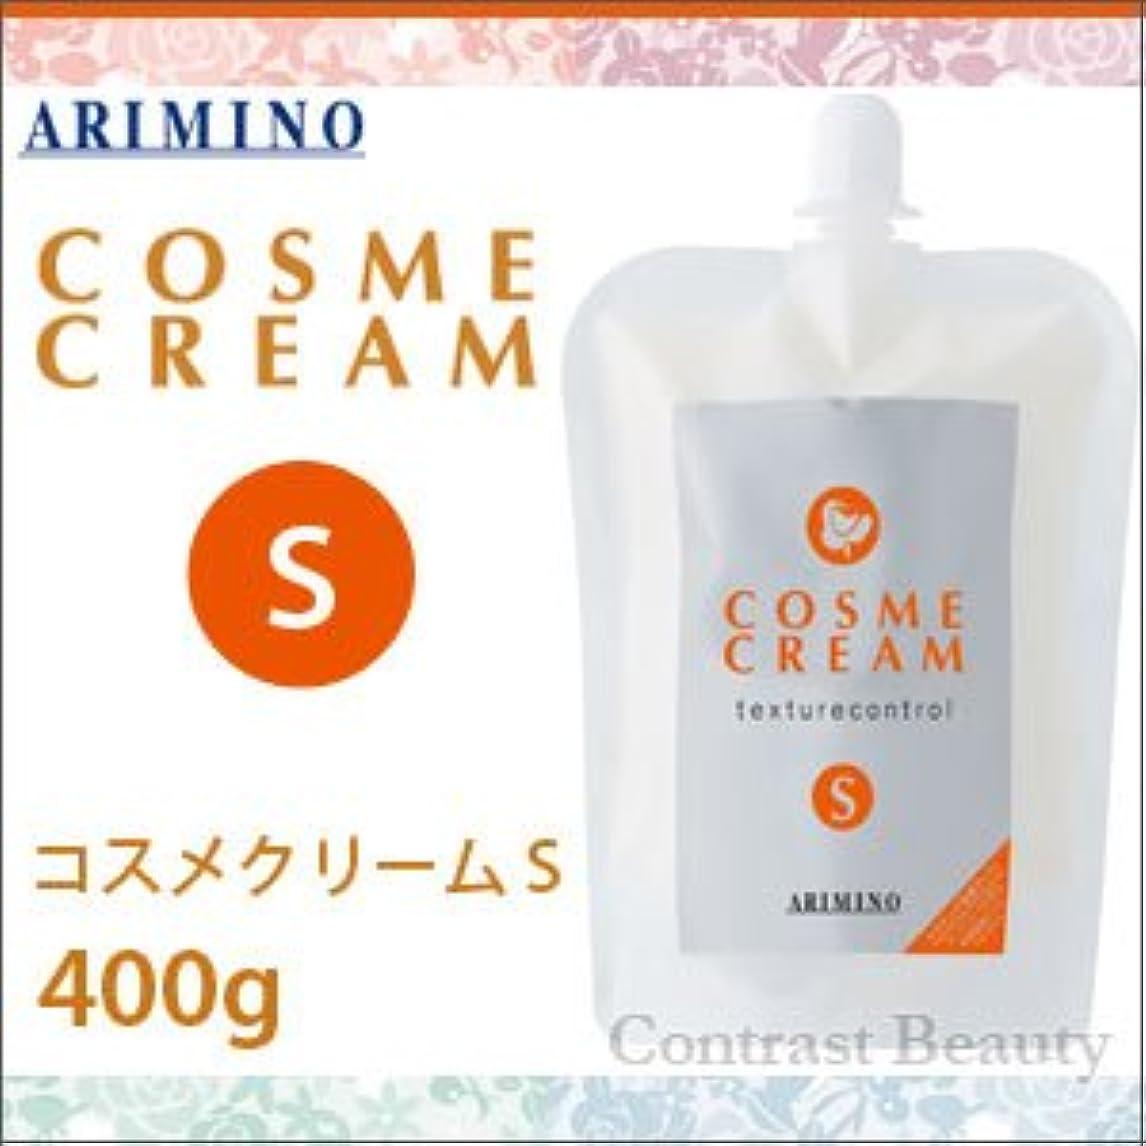 アリミノ コスメクリーム S 400g